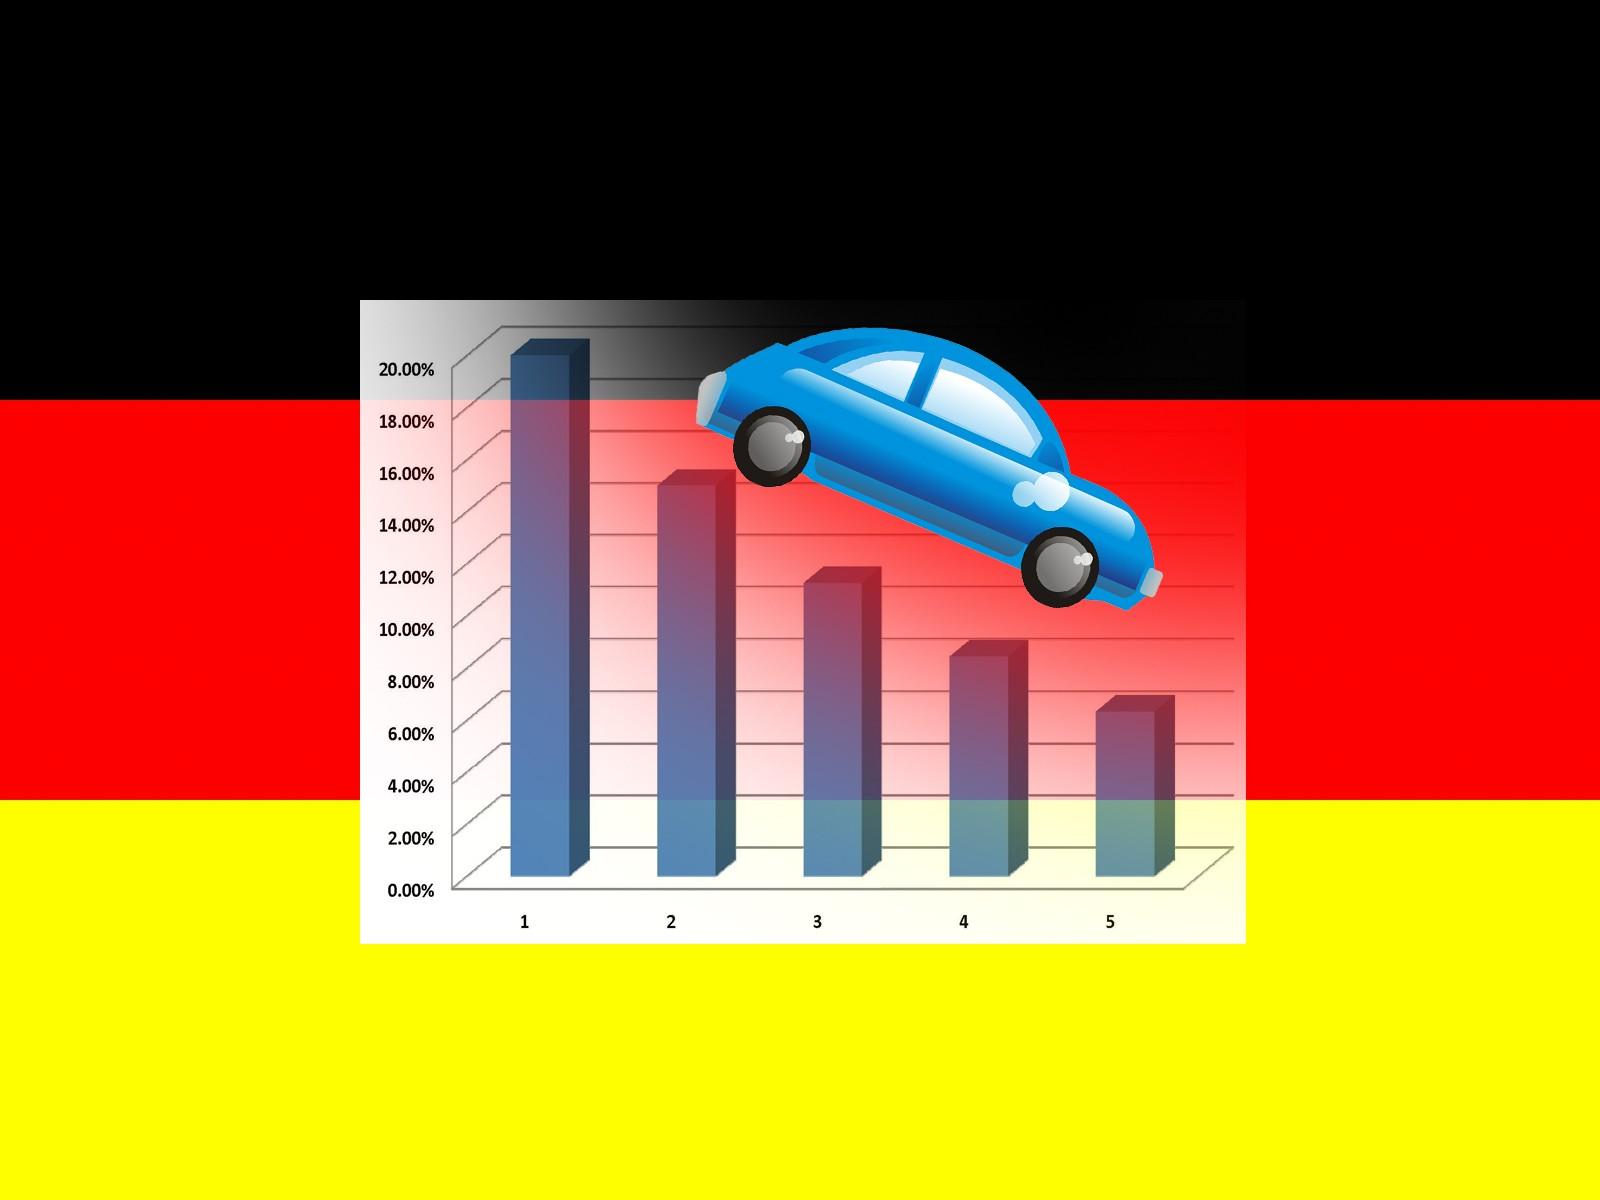 Πως να δηλώσετε ελληνικό αμάξι στη Γερμανία - Ασφάλιση αυτοκινήτου